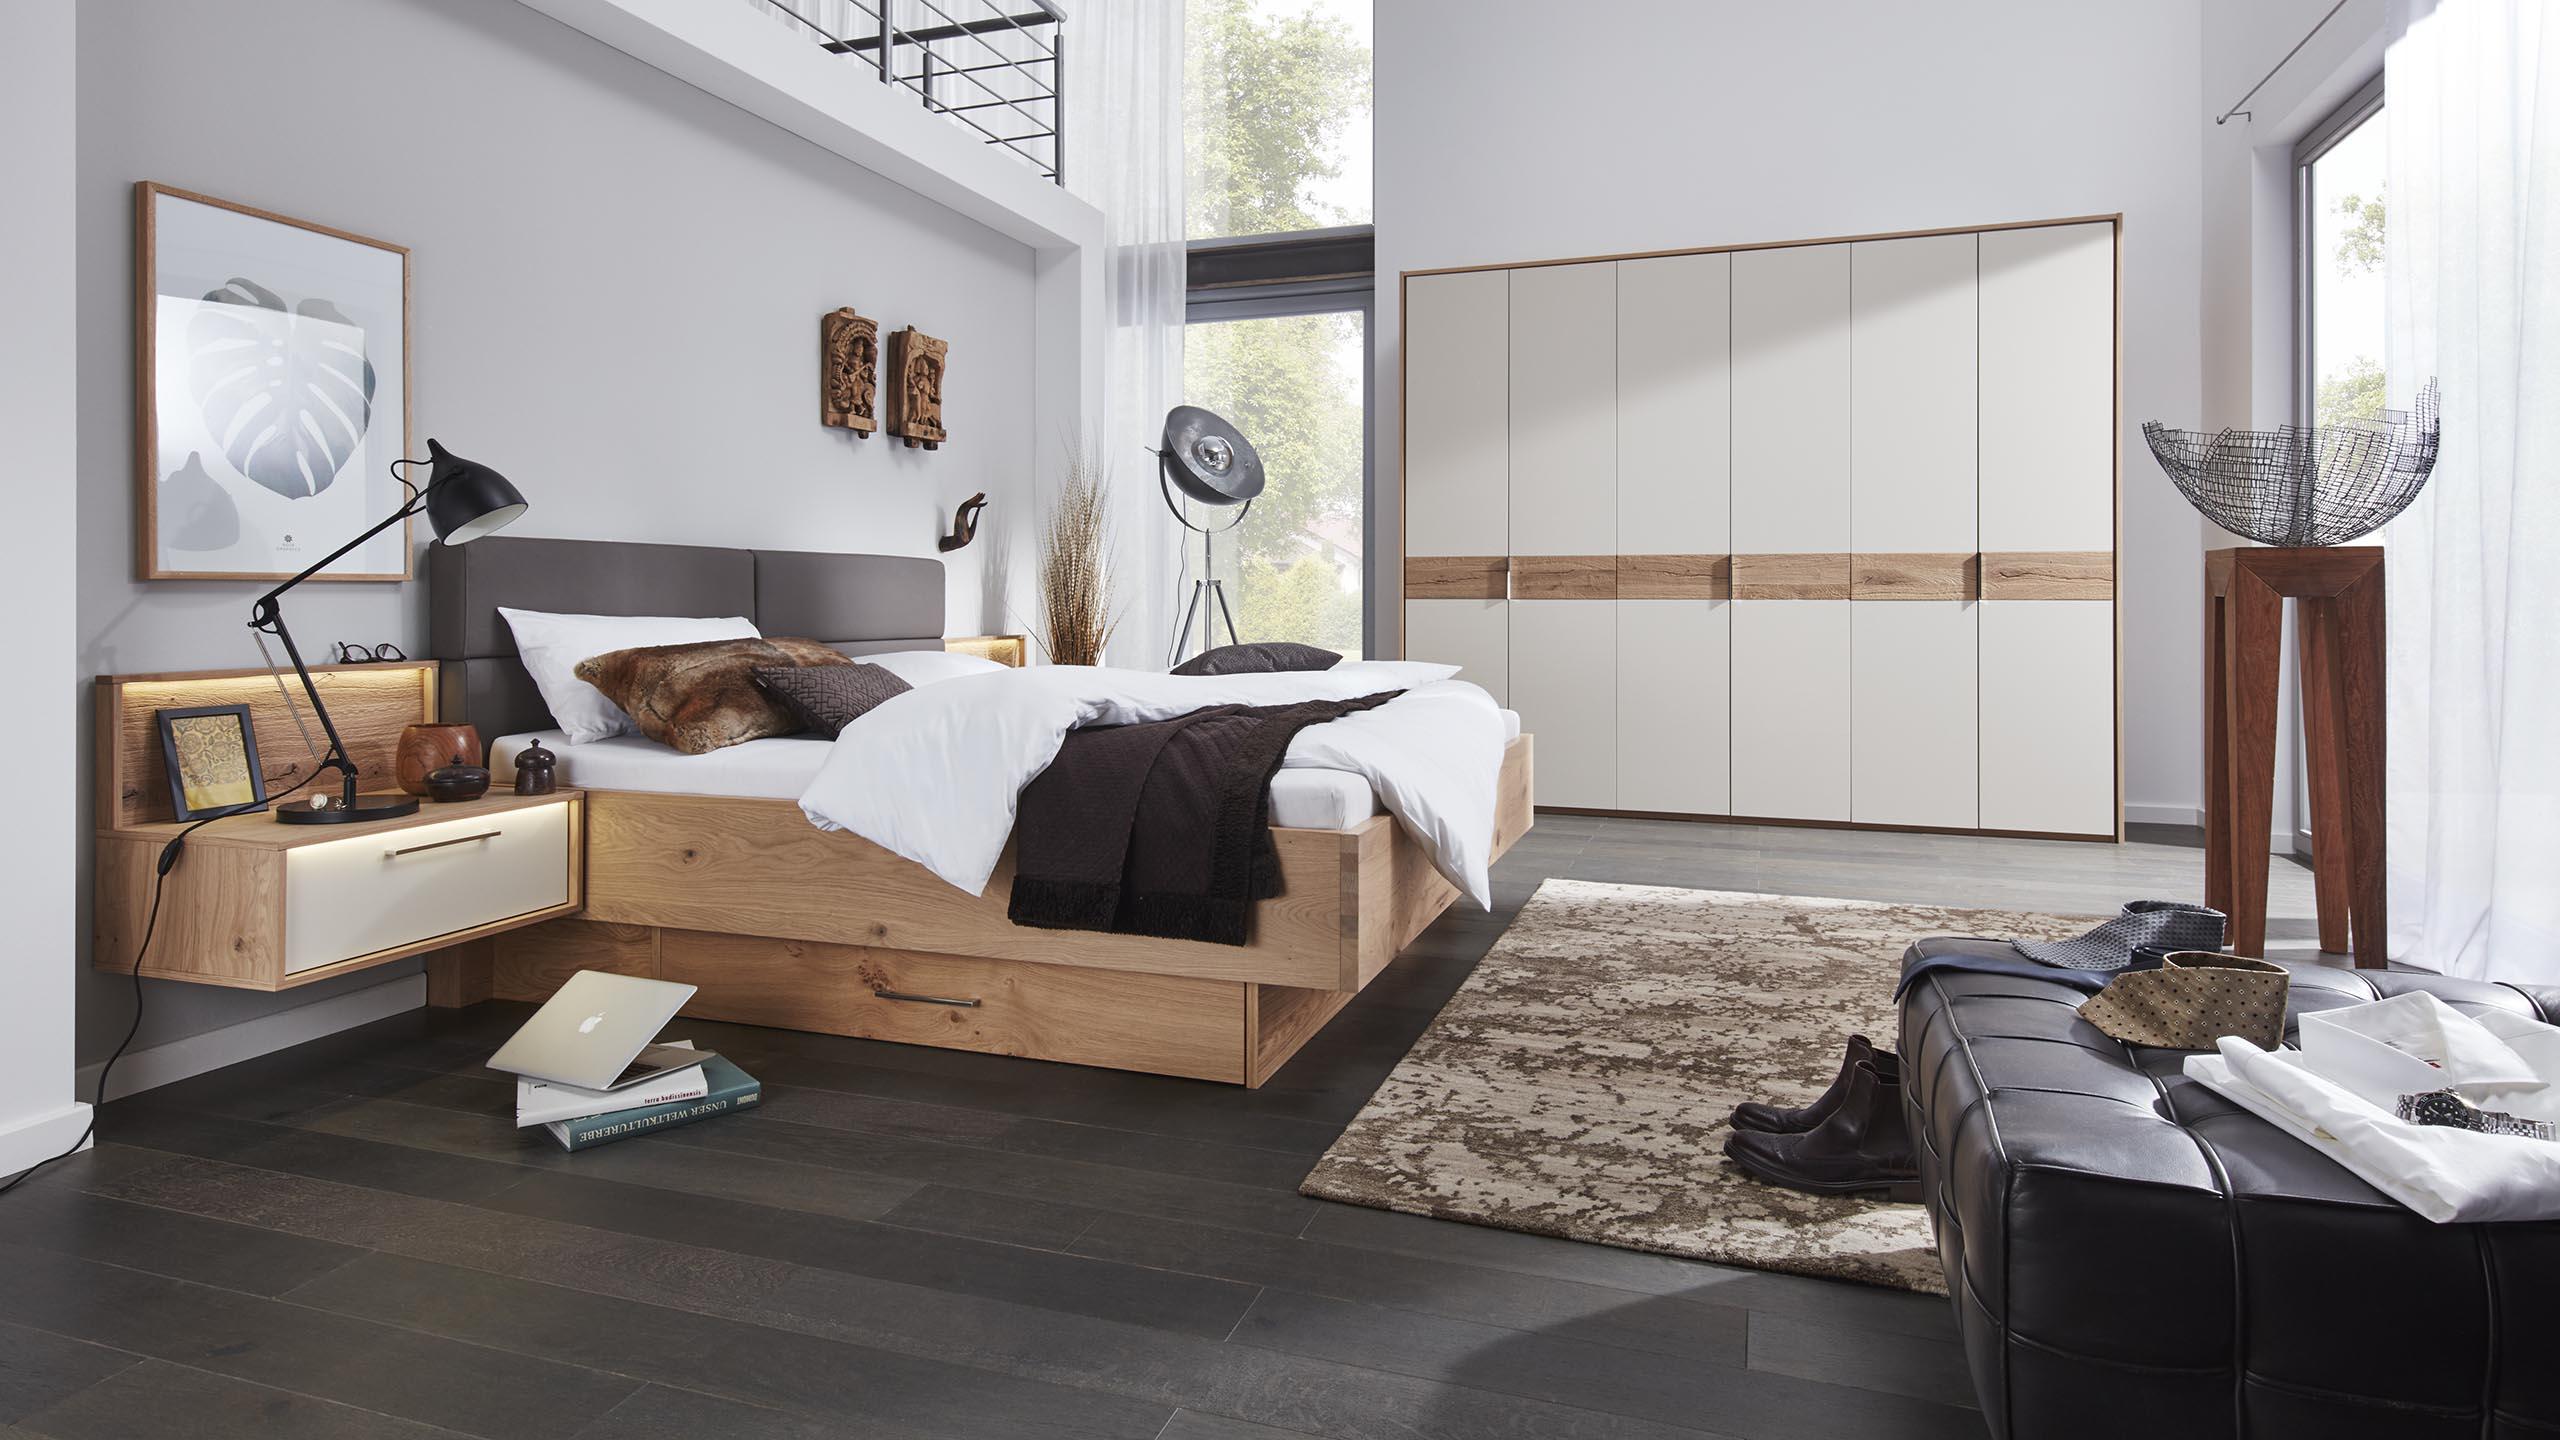 interliving schlafzimmer serie 1002 schlafzimmerset schlicht m bel fischer. Black Bedroom Furniture Sets. Home Design Ideas